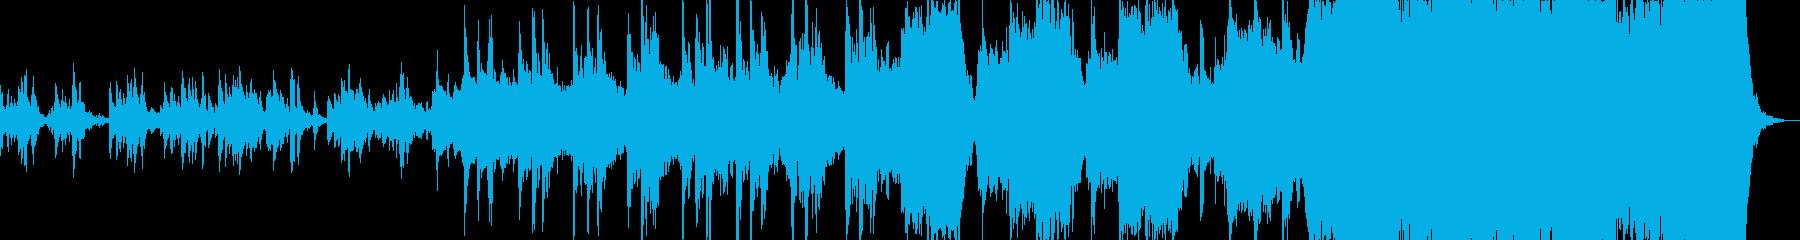 中世紀なMMORPGゲームミュージックの再生済みの波形